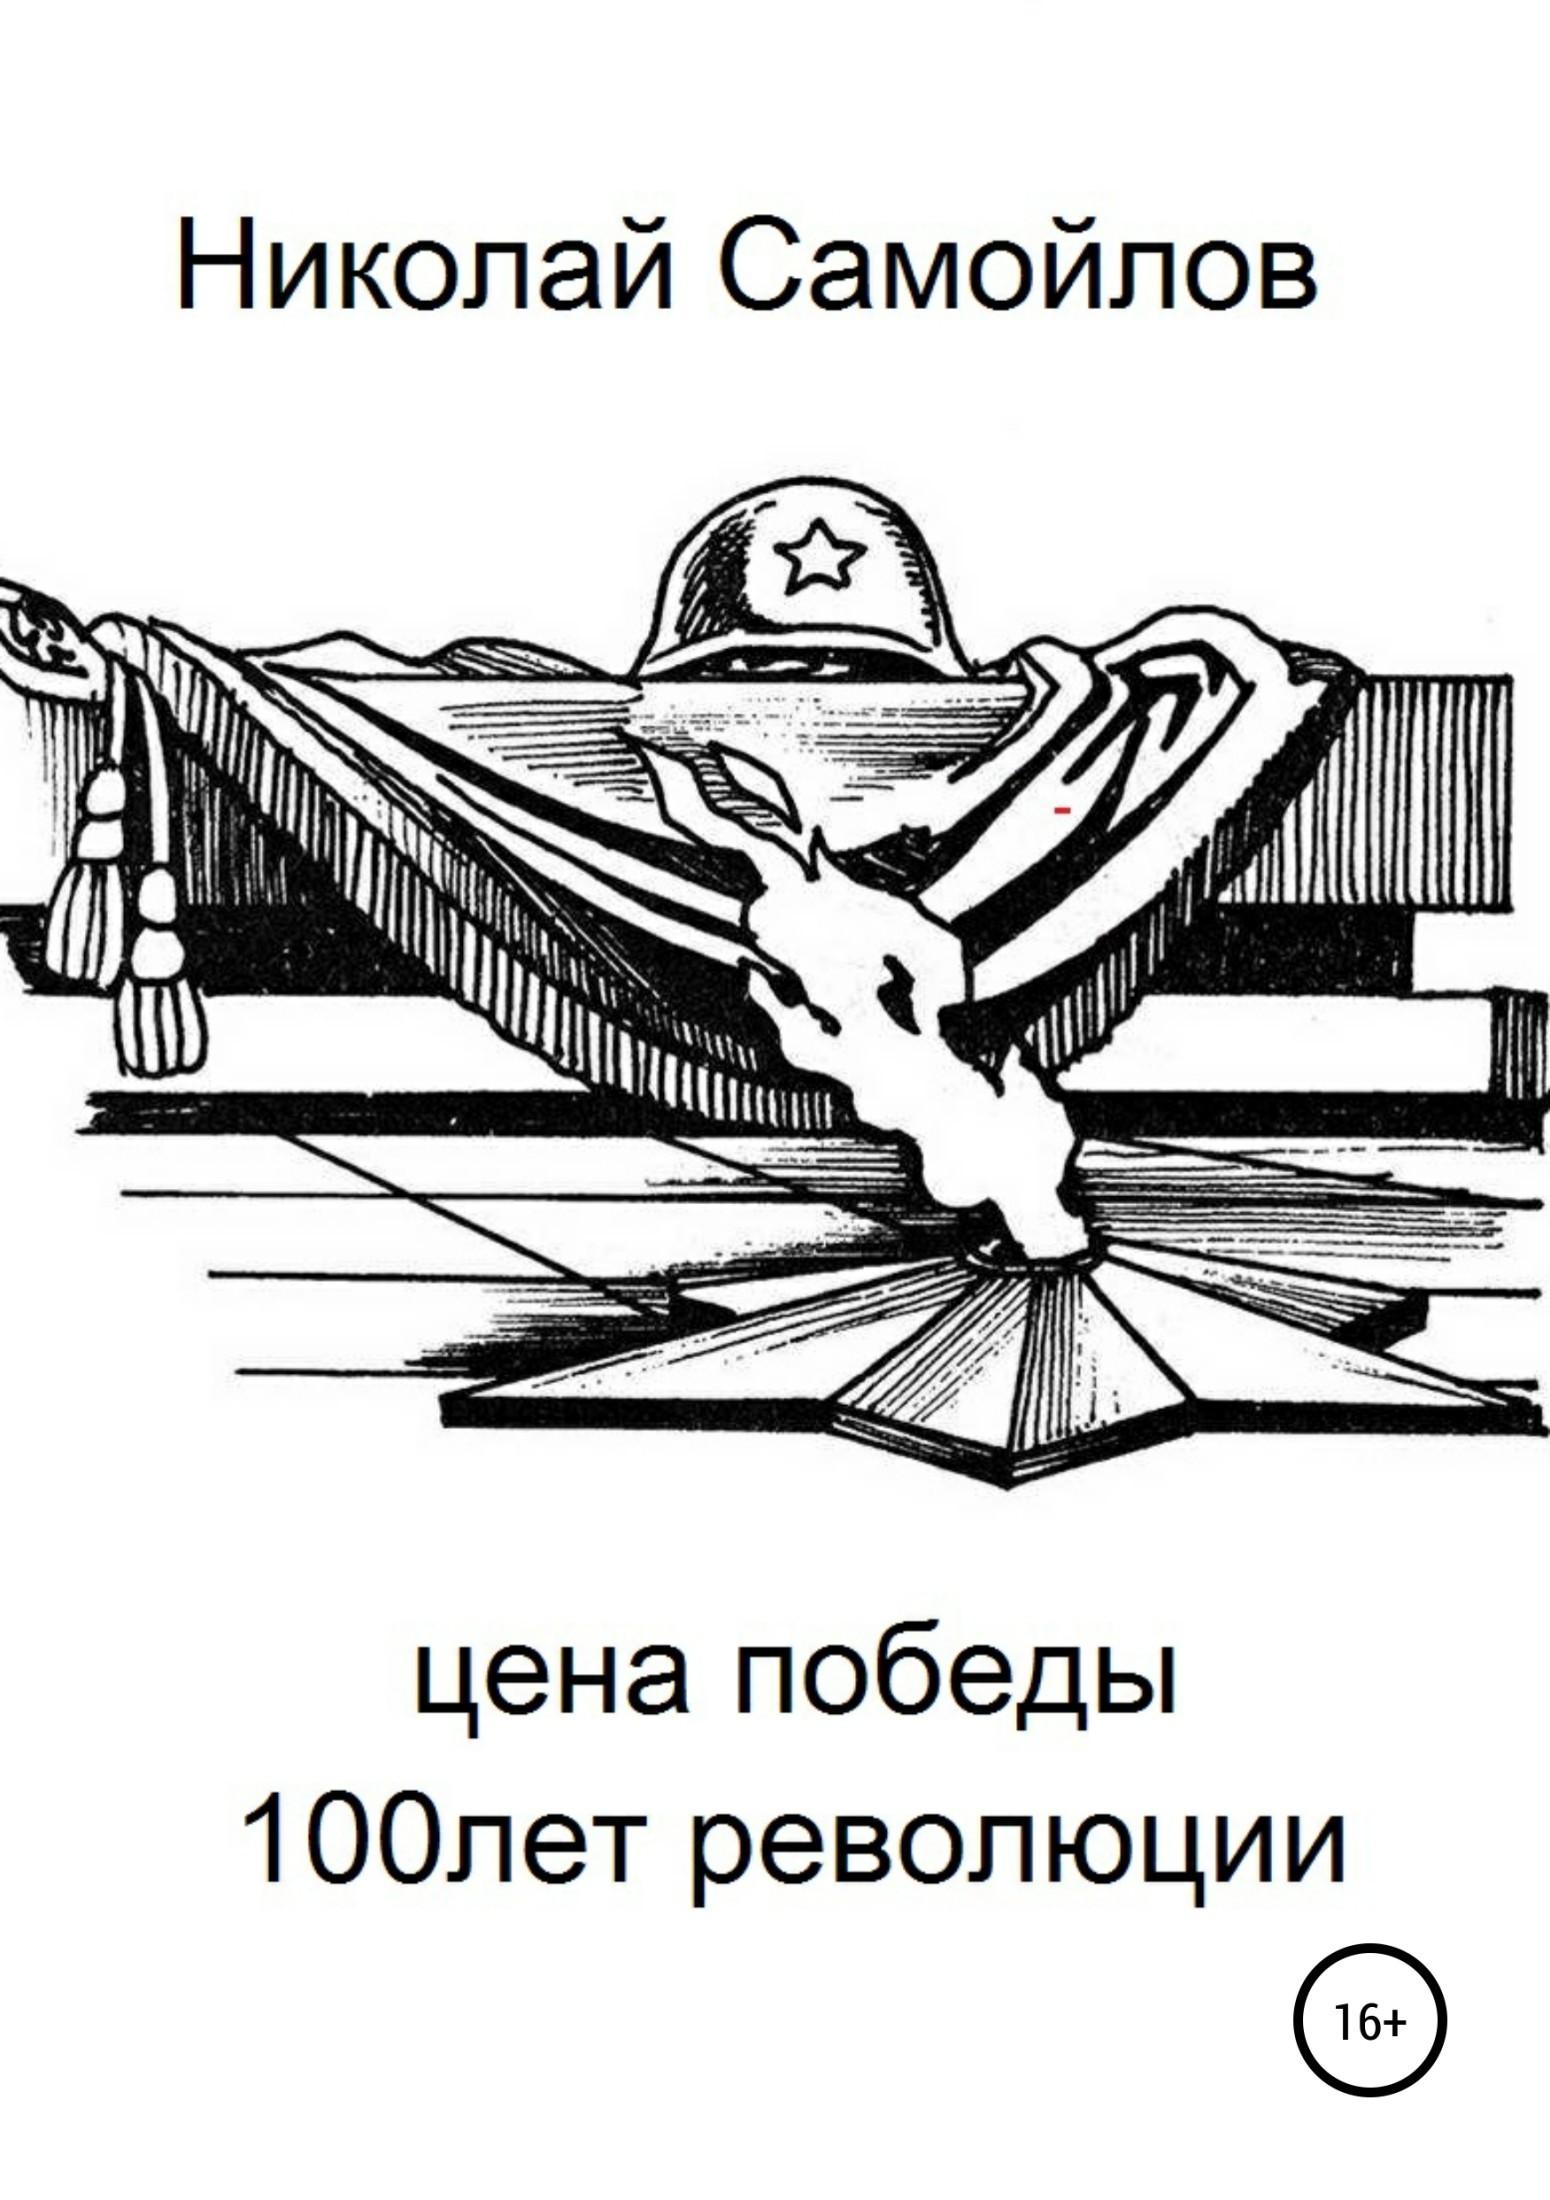 Николай Николаевич Самойлов Цена победы николай минский на общественные темы